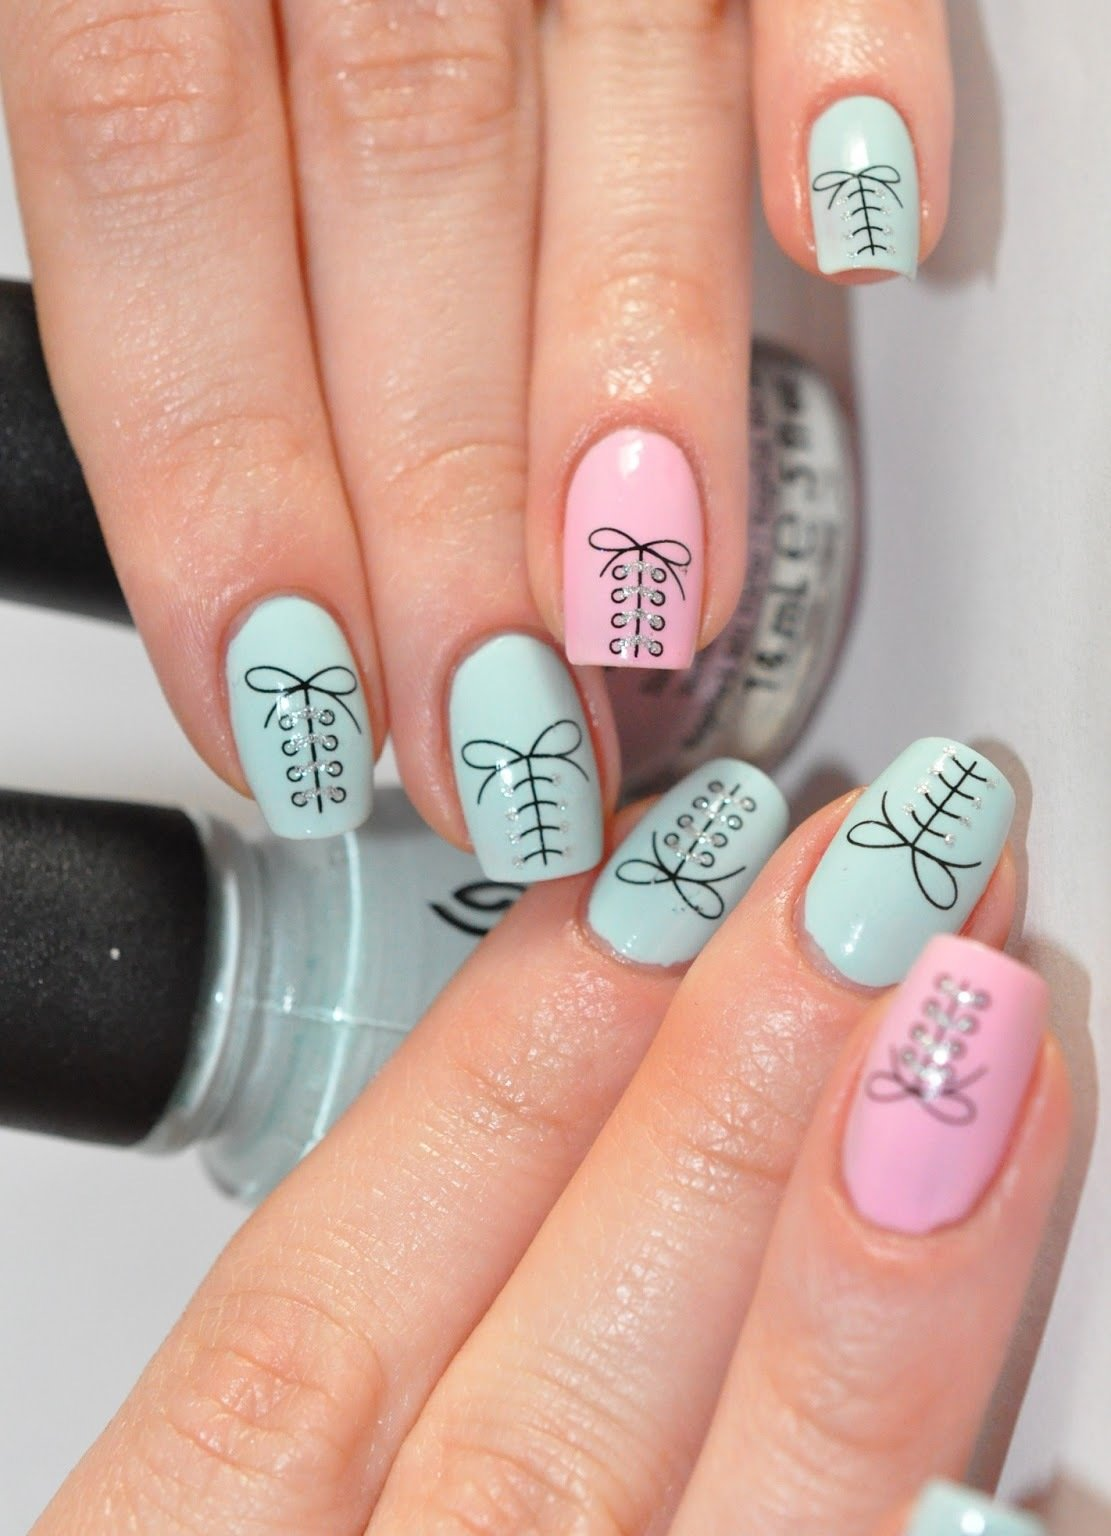 Выпуклый дизайн на ногтях: все секреты модного маникюра новые фото